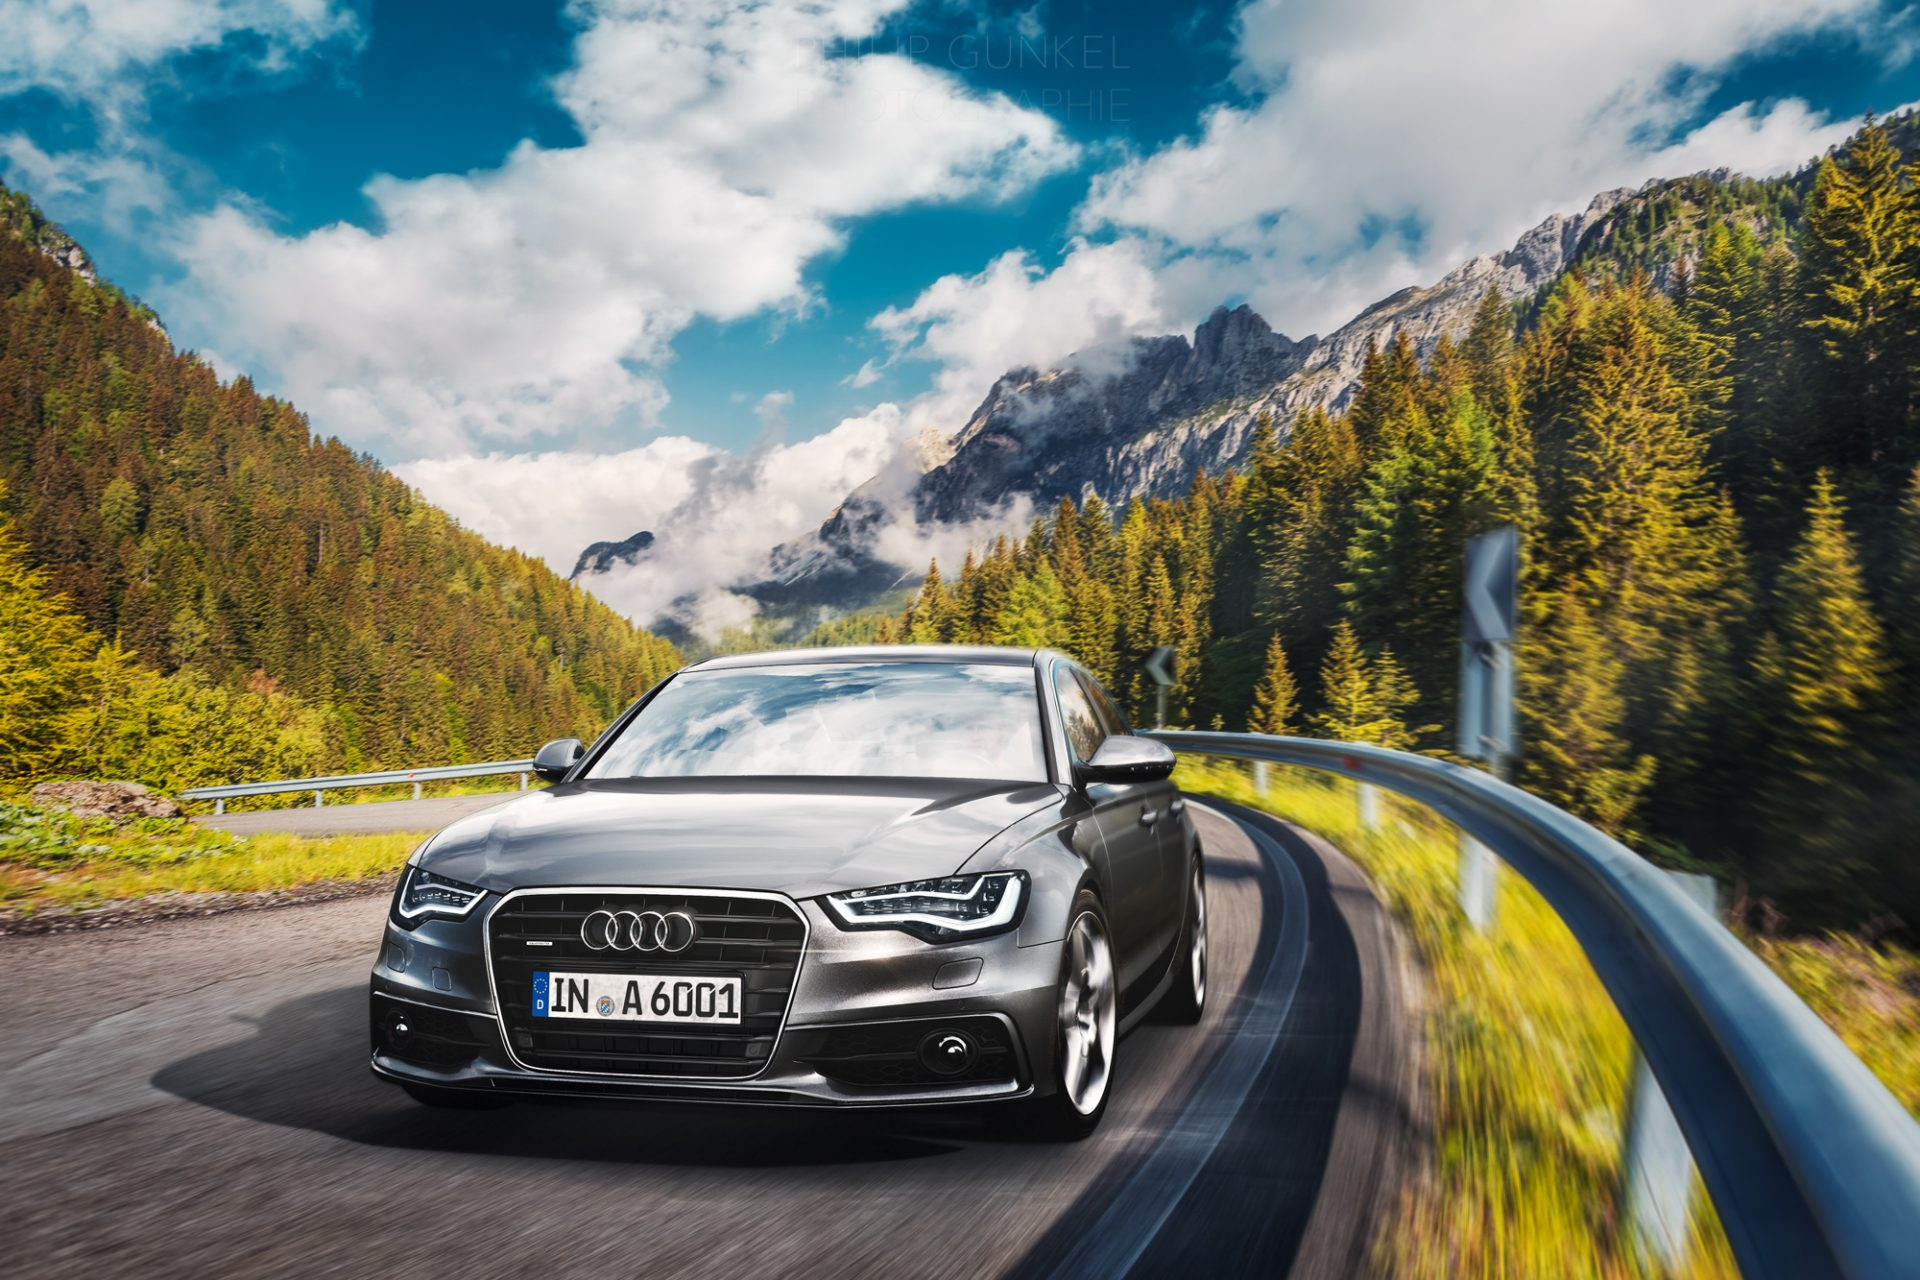 Audi-A6-2.0-TDI-Ultra_Philip-Gunkel-1